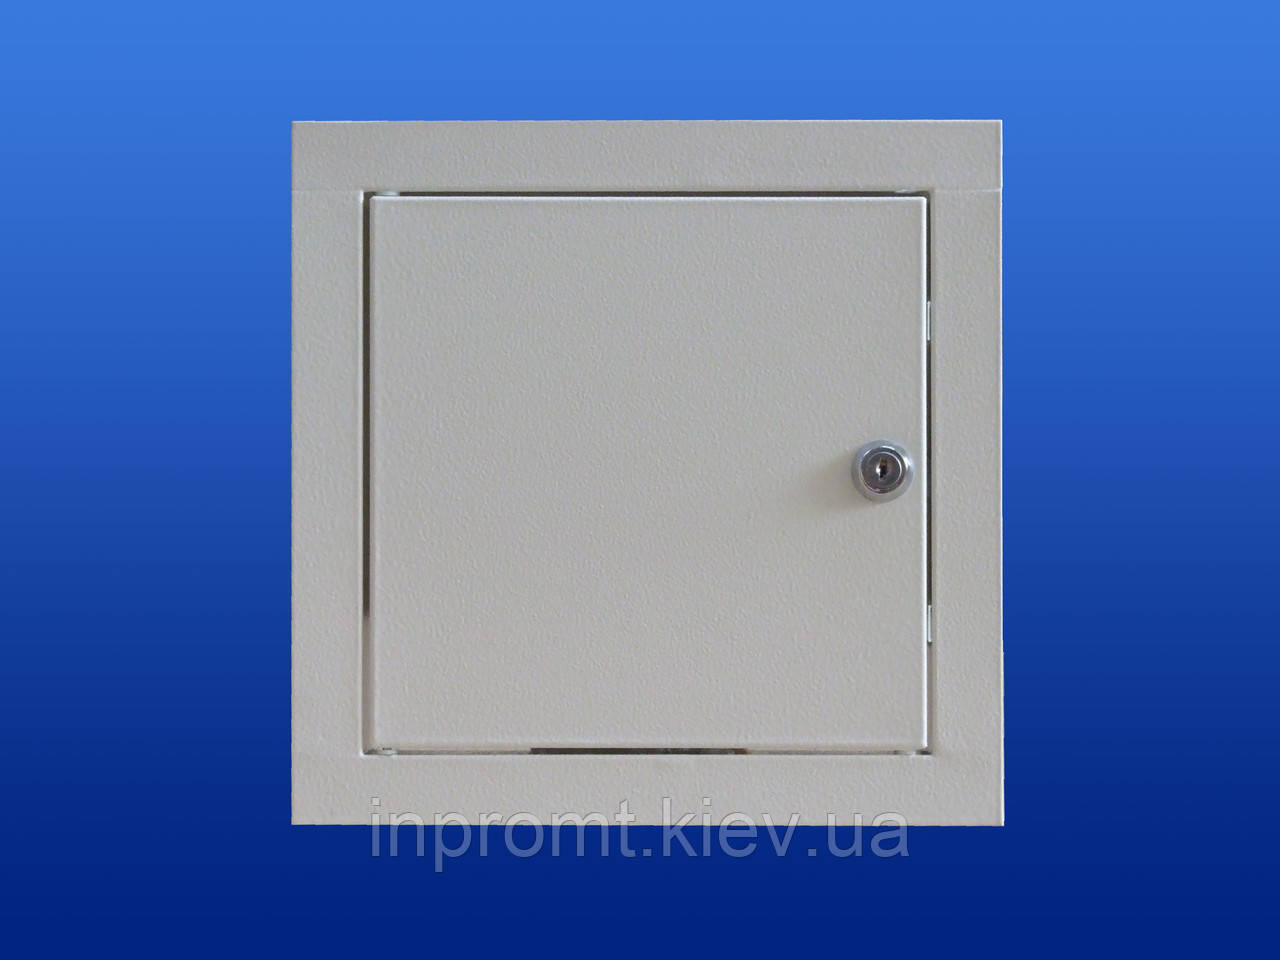 Дверь ревизионная RZD250*200*50Z